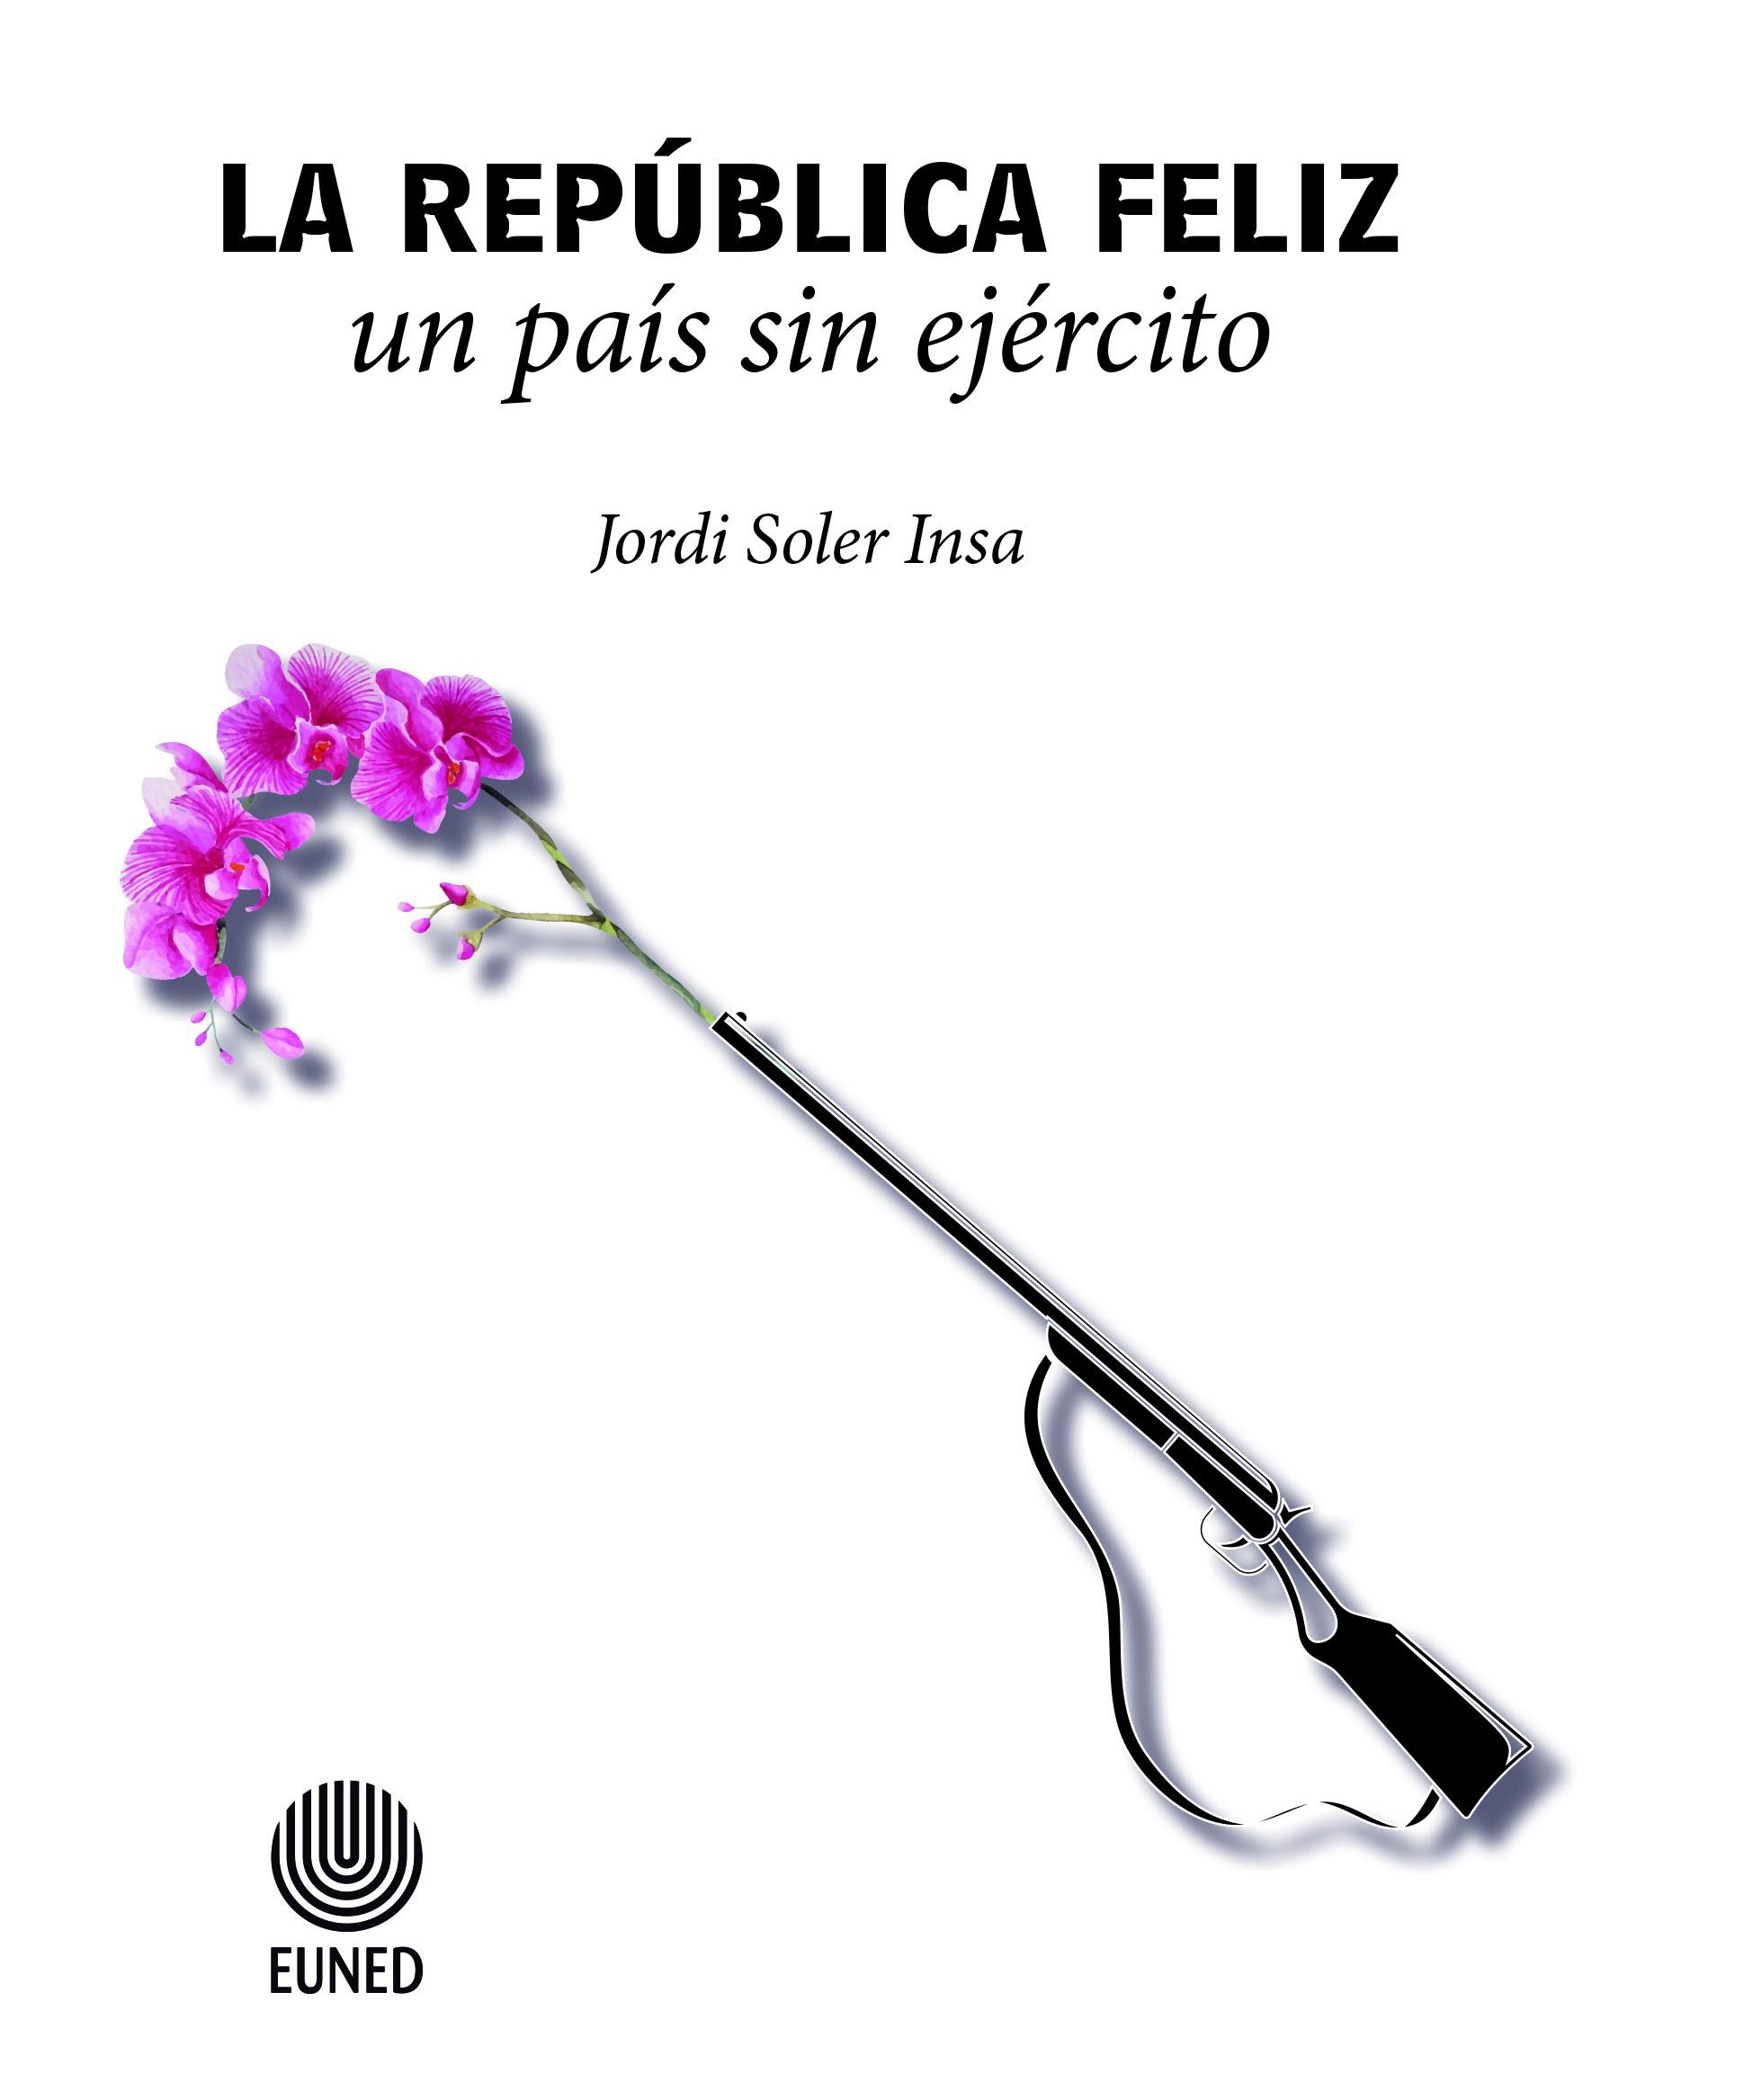 La república feliz